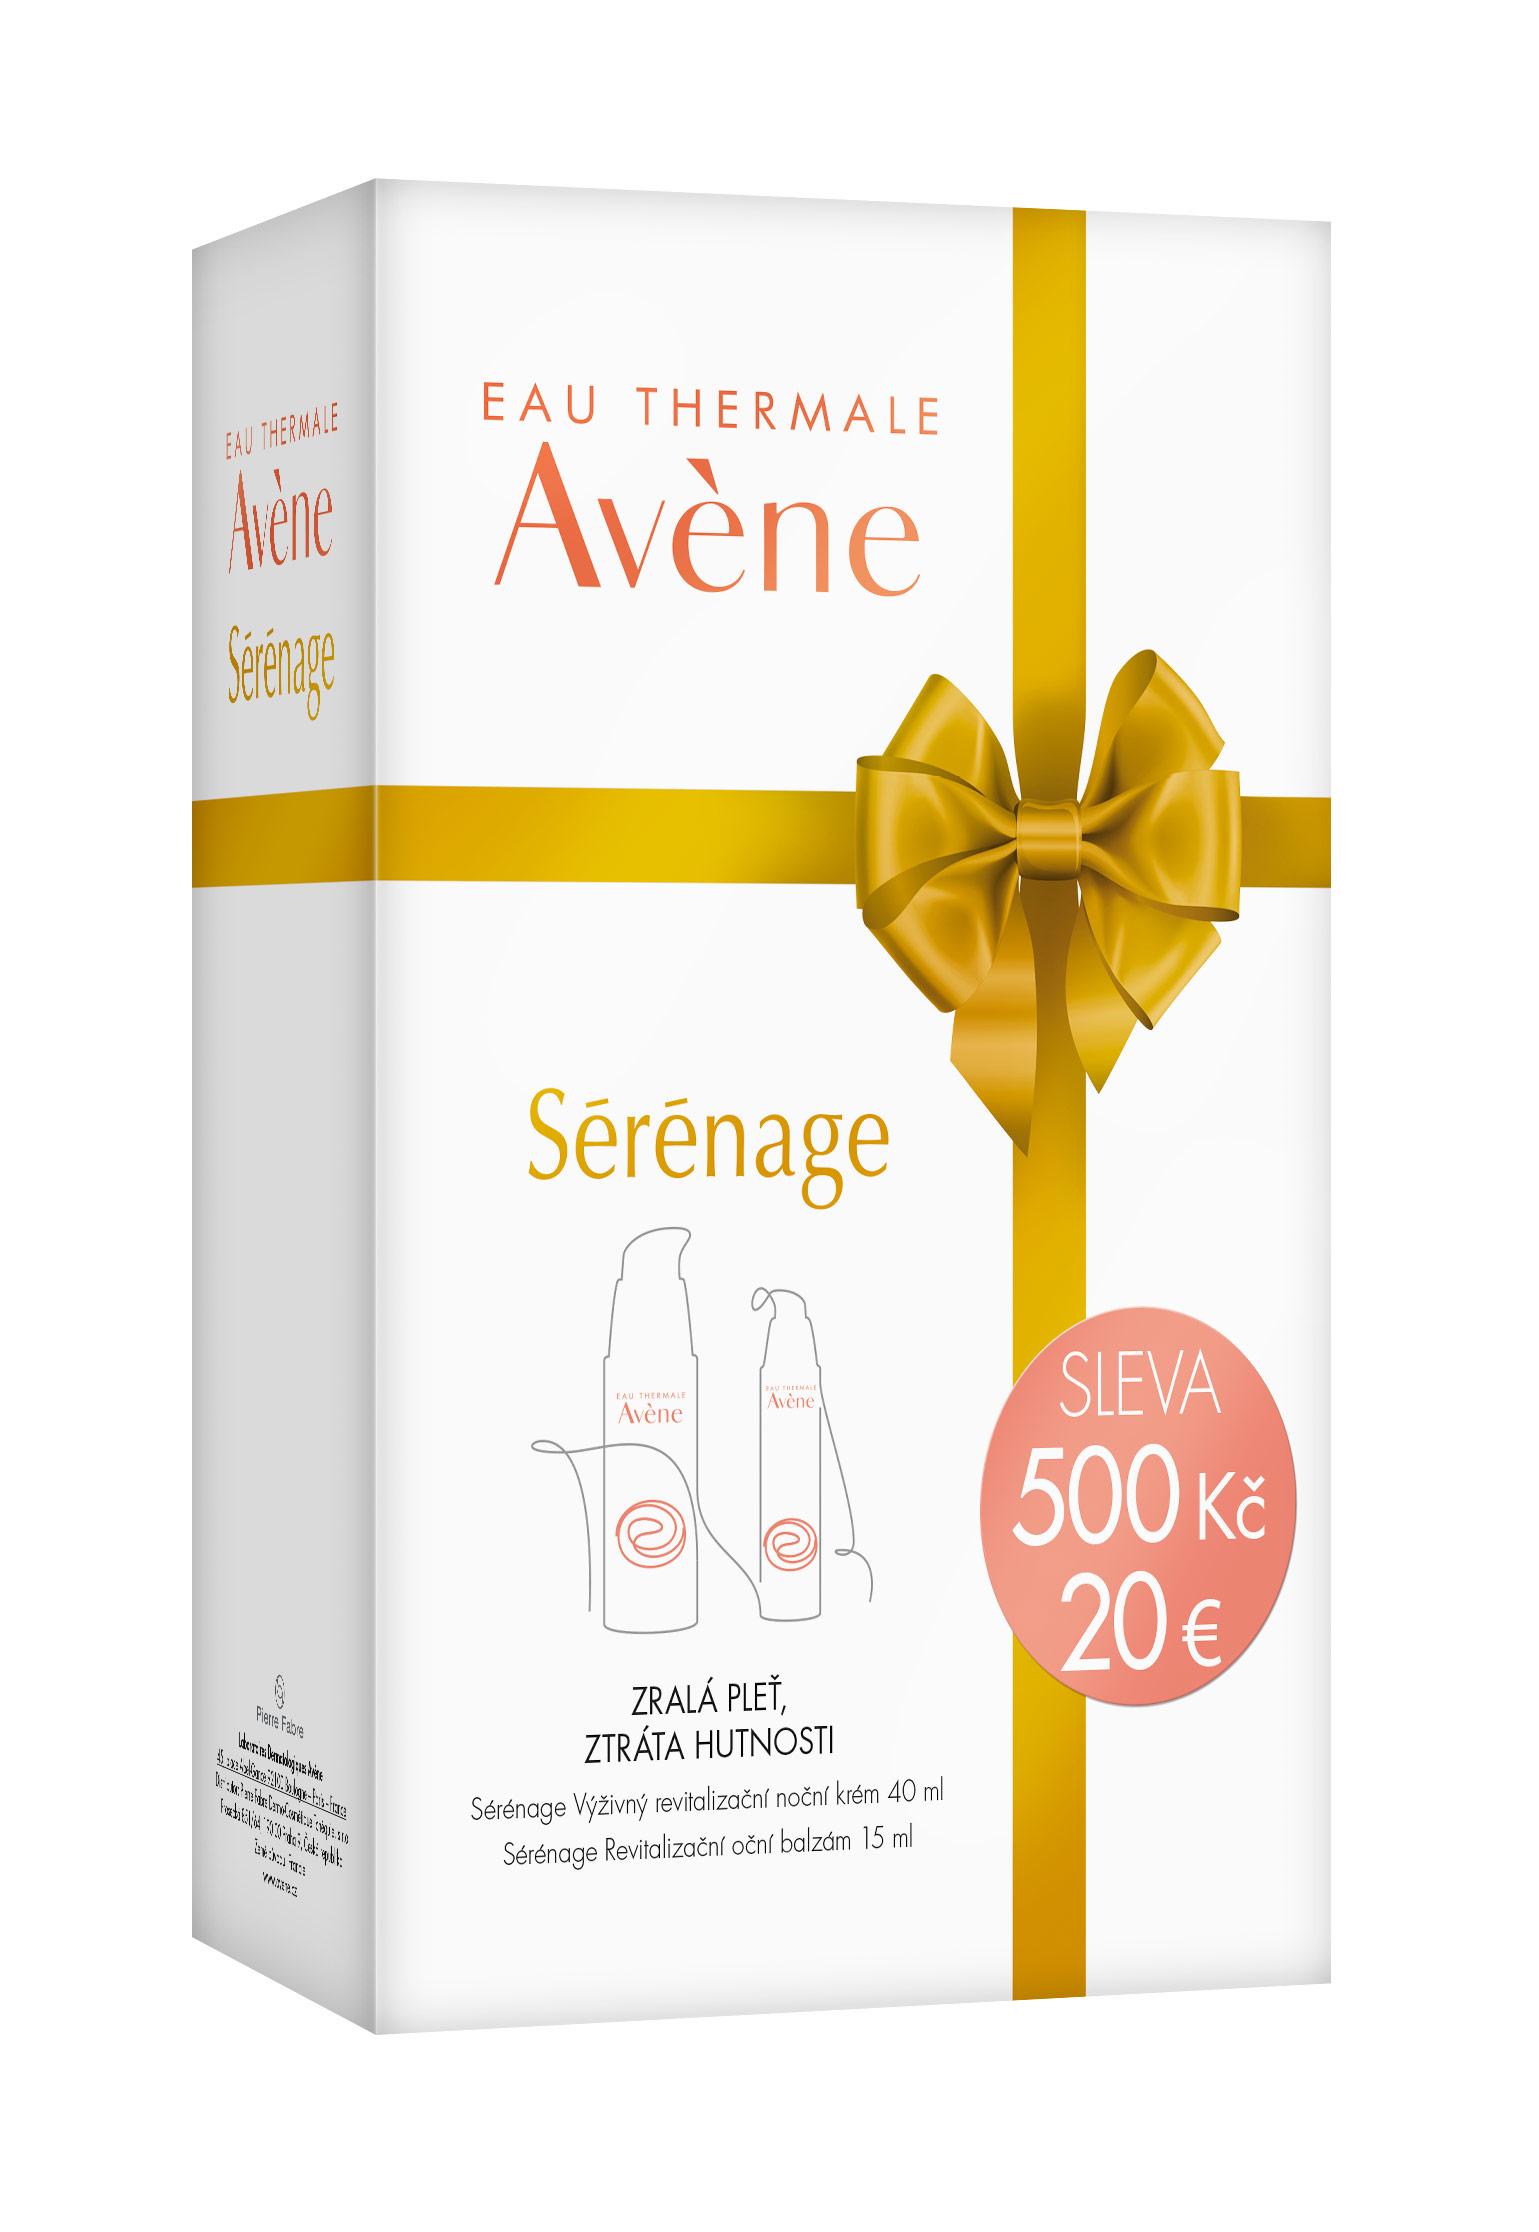 AVENE Serenage balíček Vánoce 2016